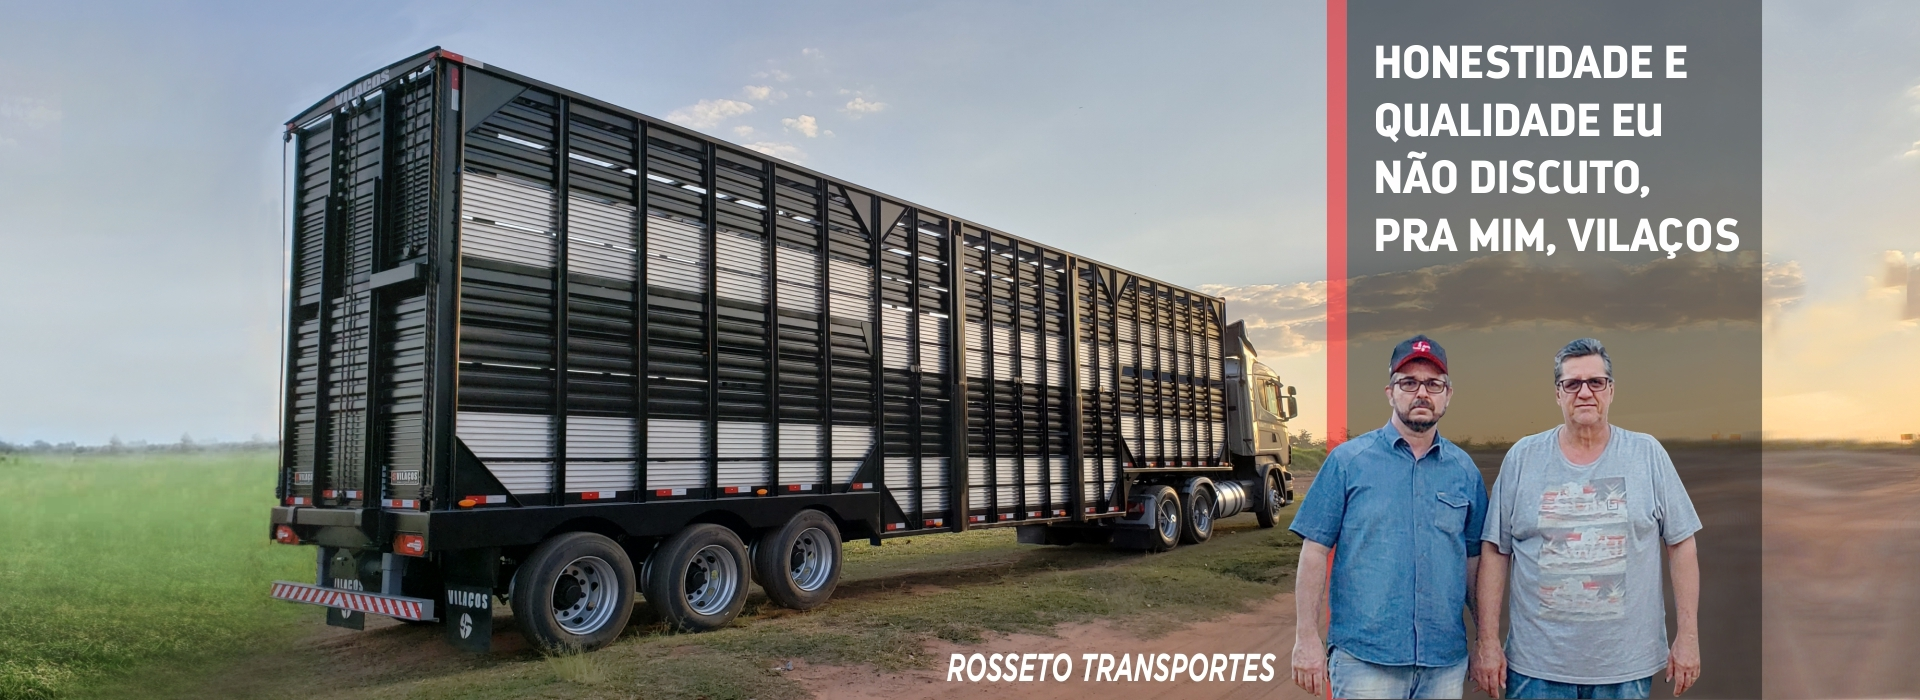 Semirreboque Rosseto Transportes